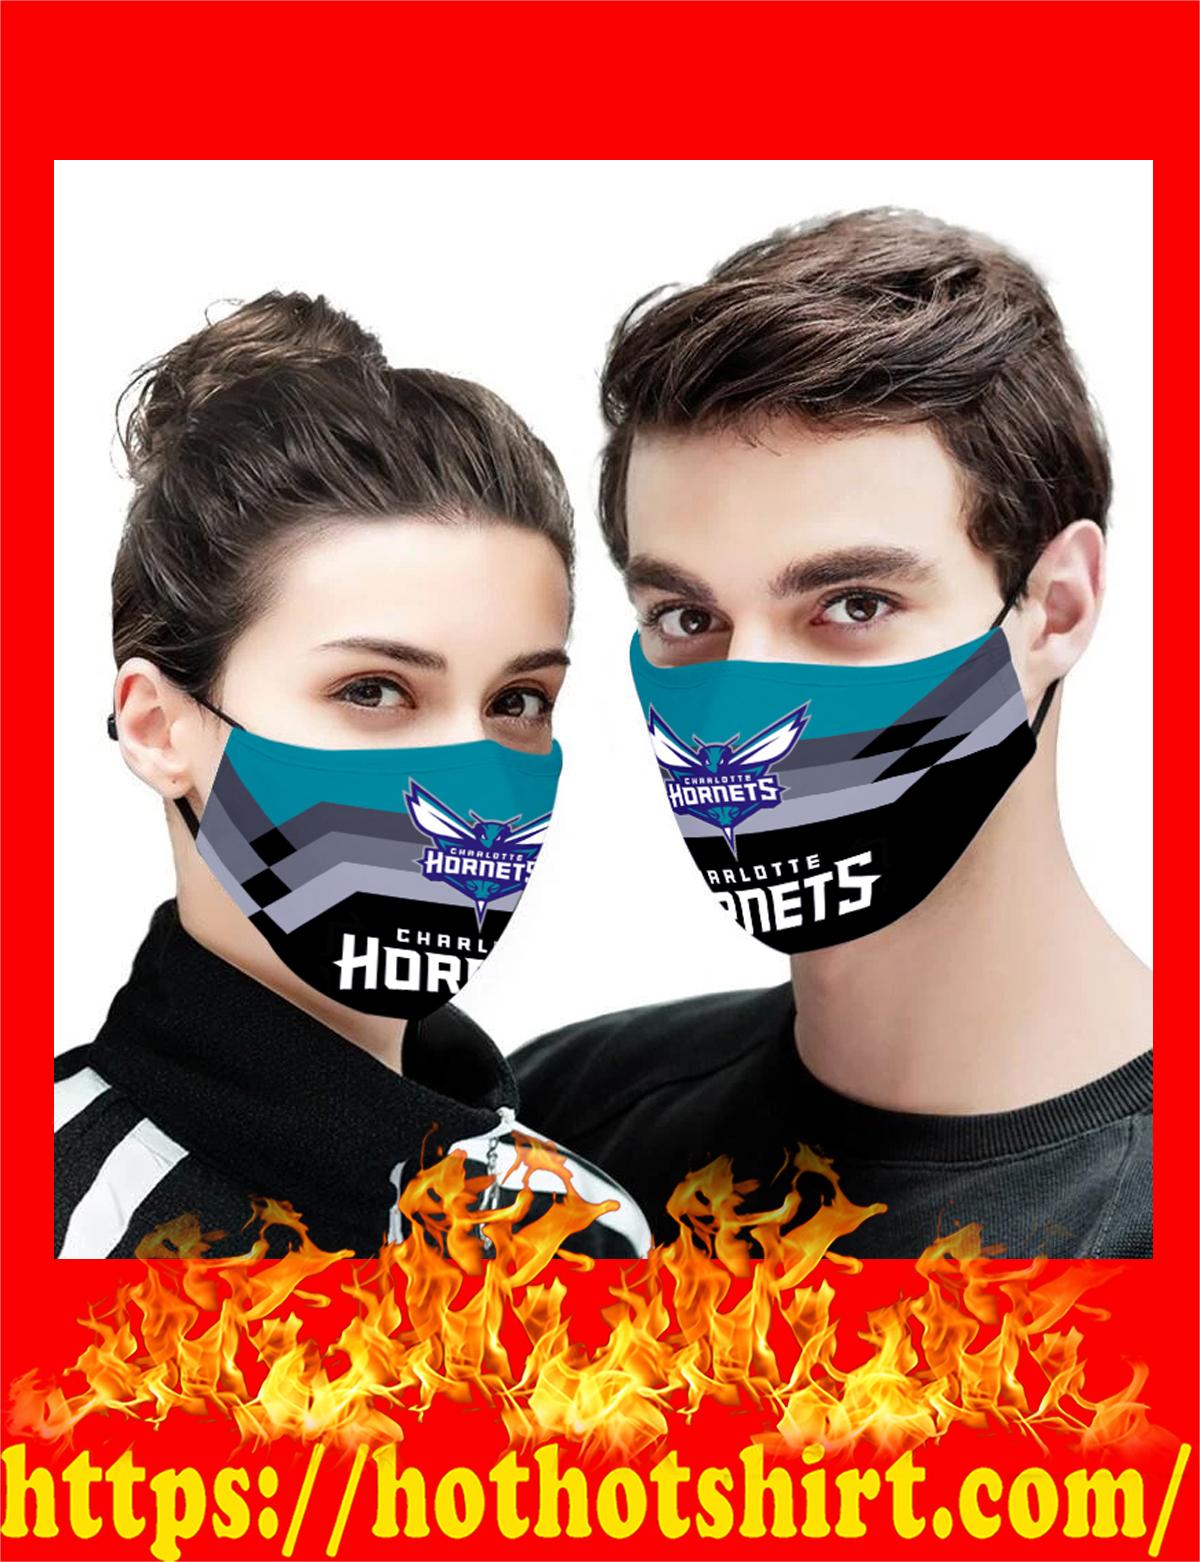 Charlotte Hornets NBA face mask - detail